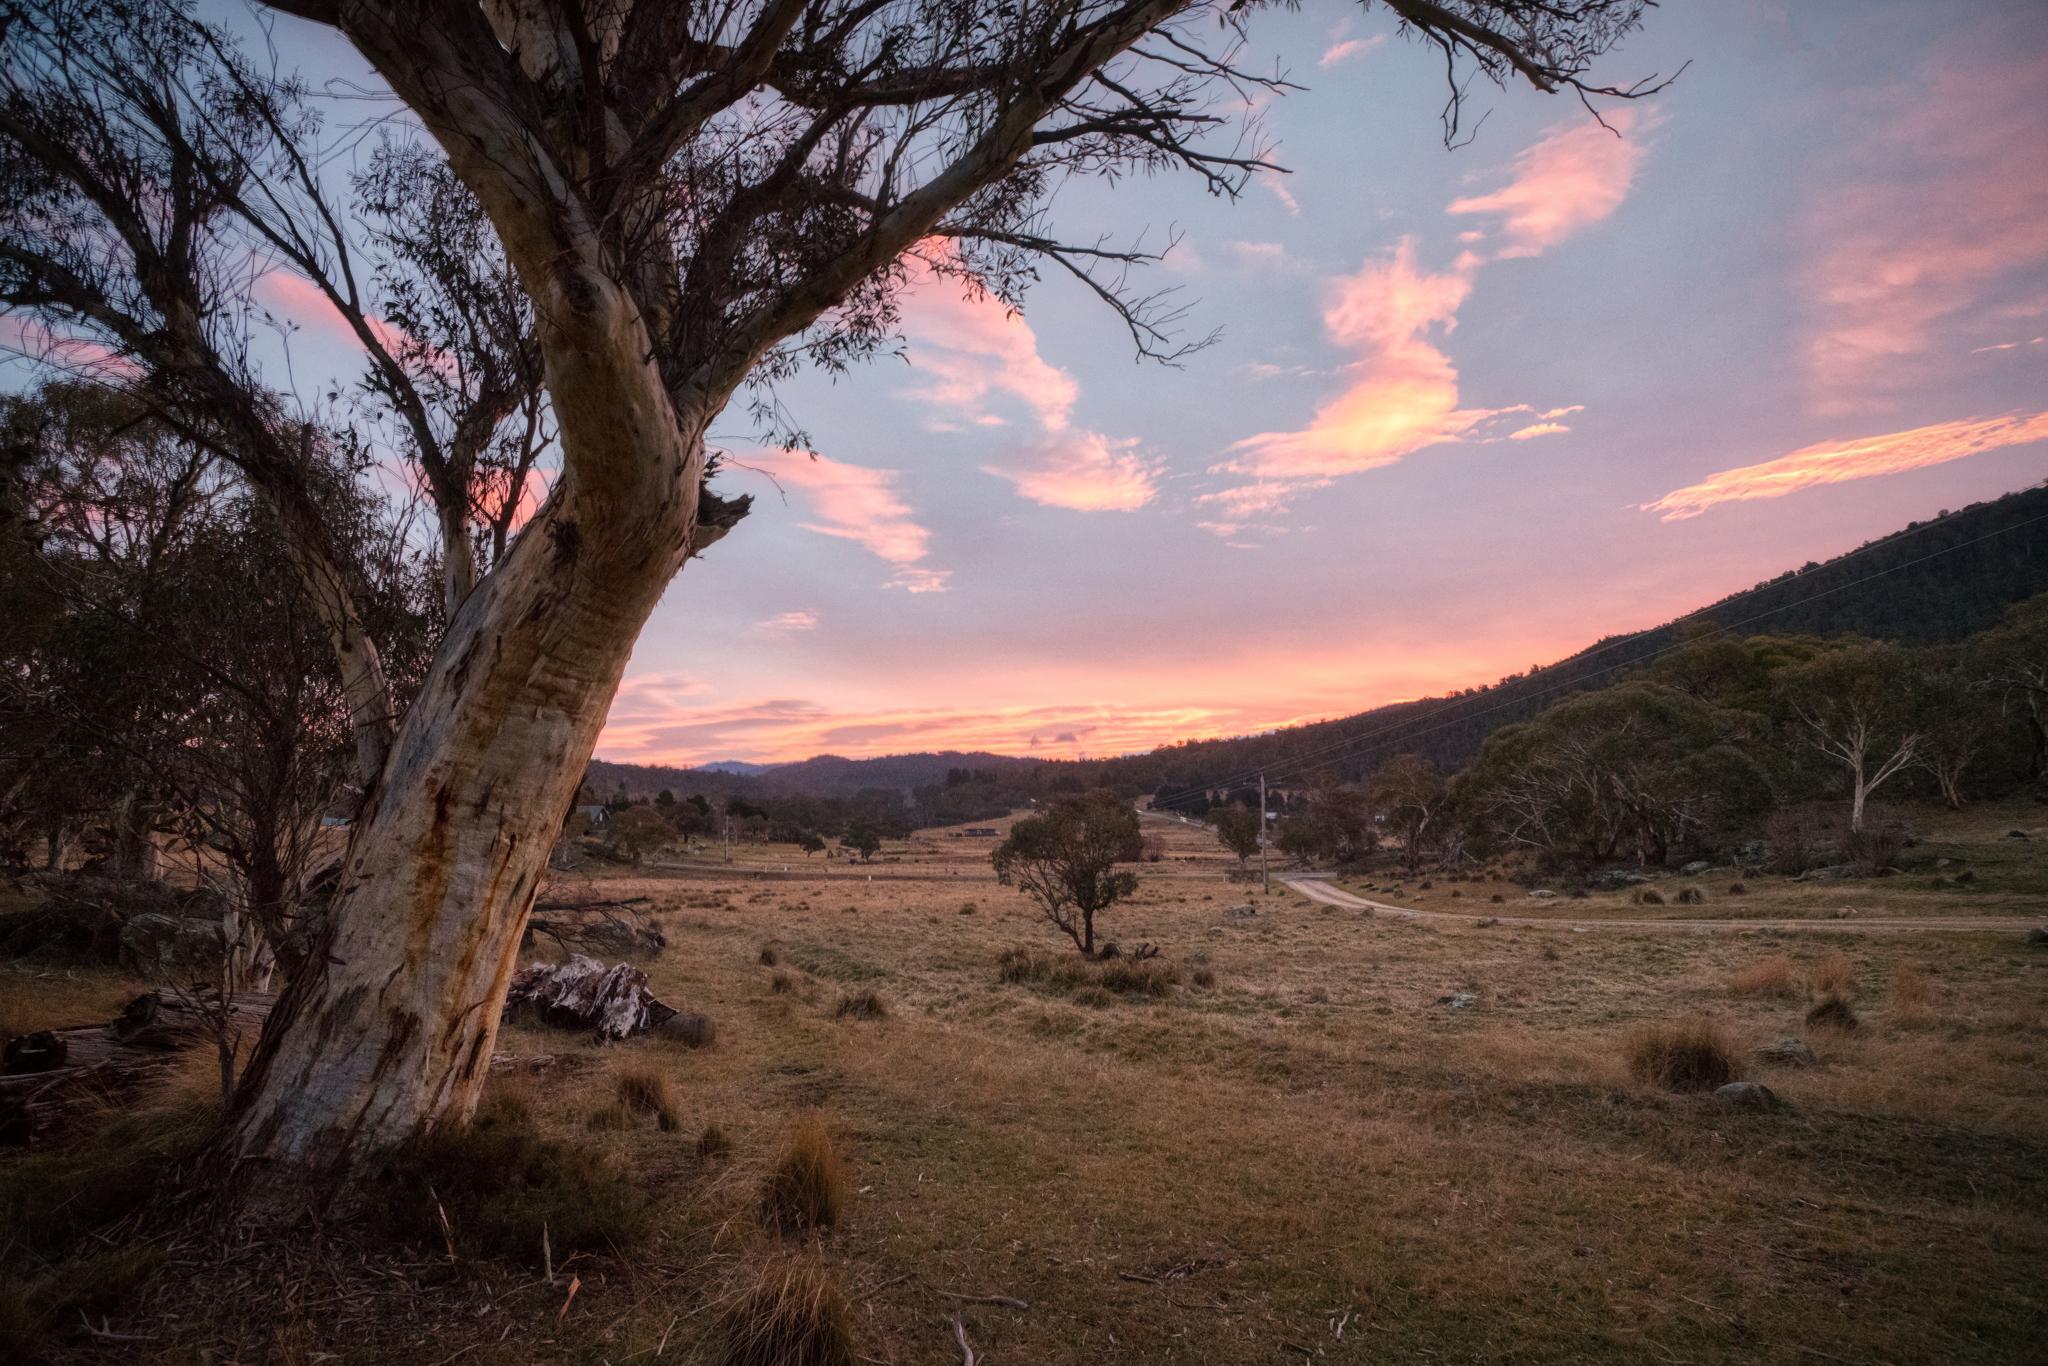 Sunset at Ecocrackenback